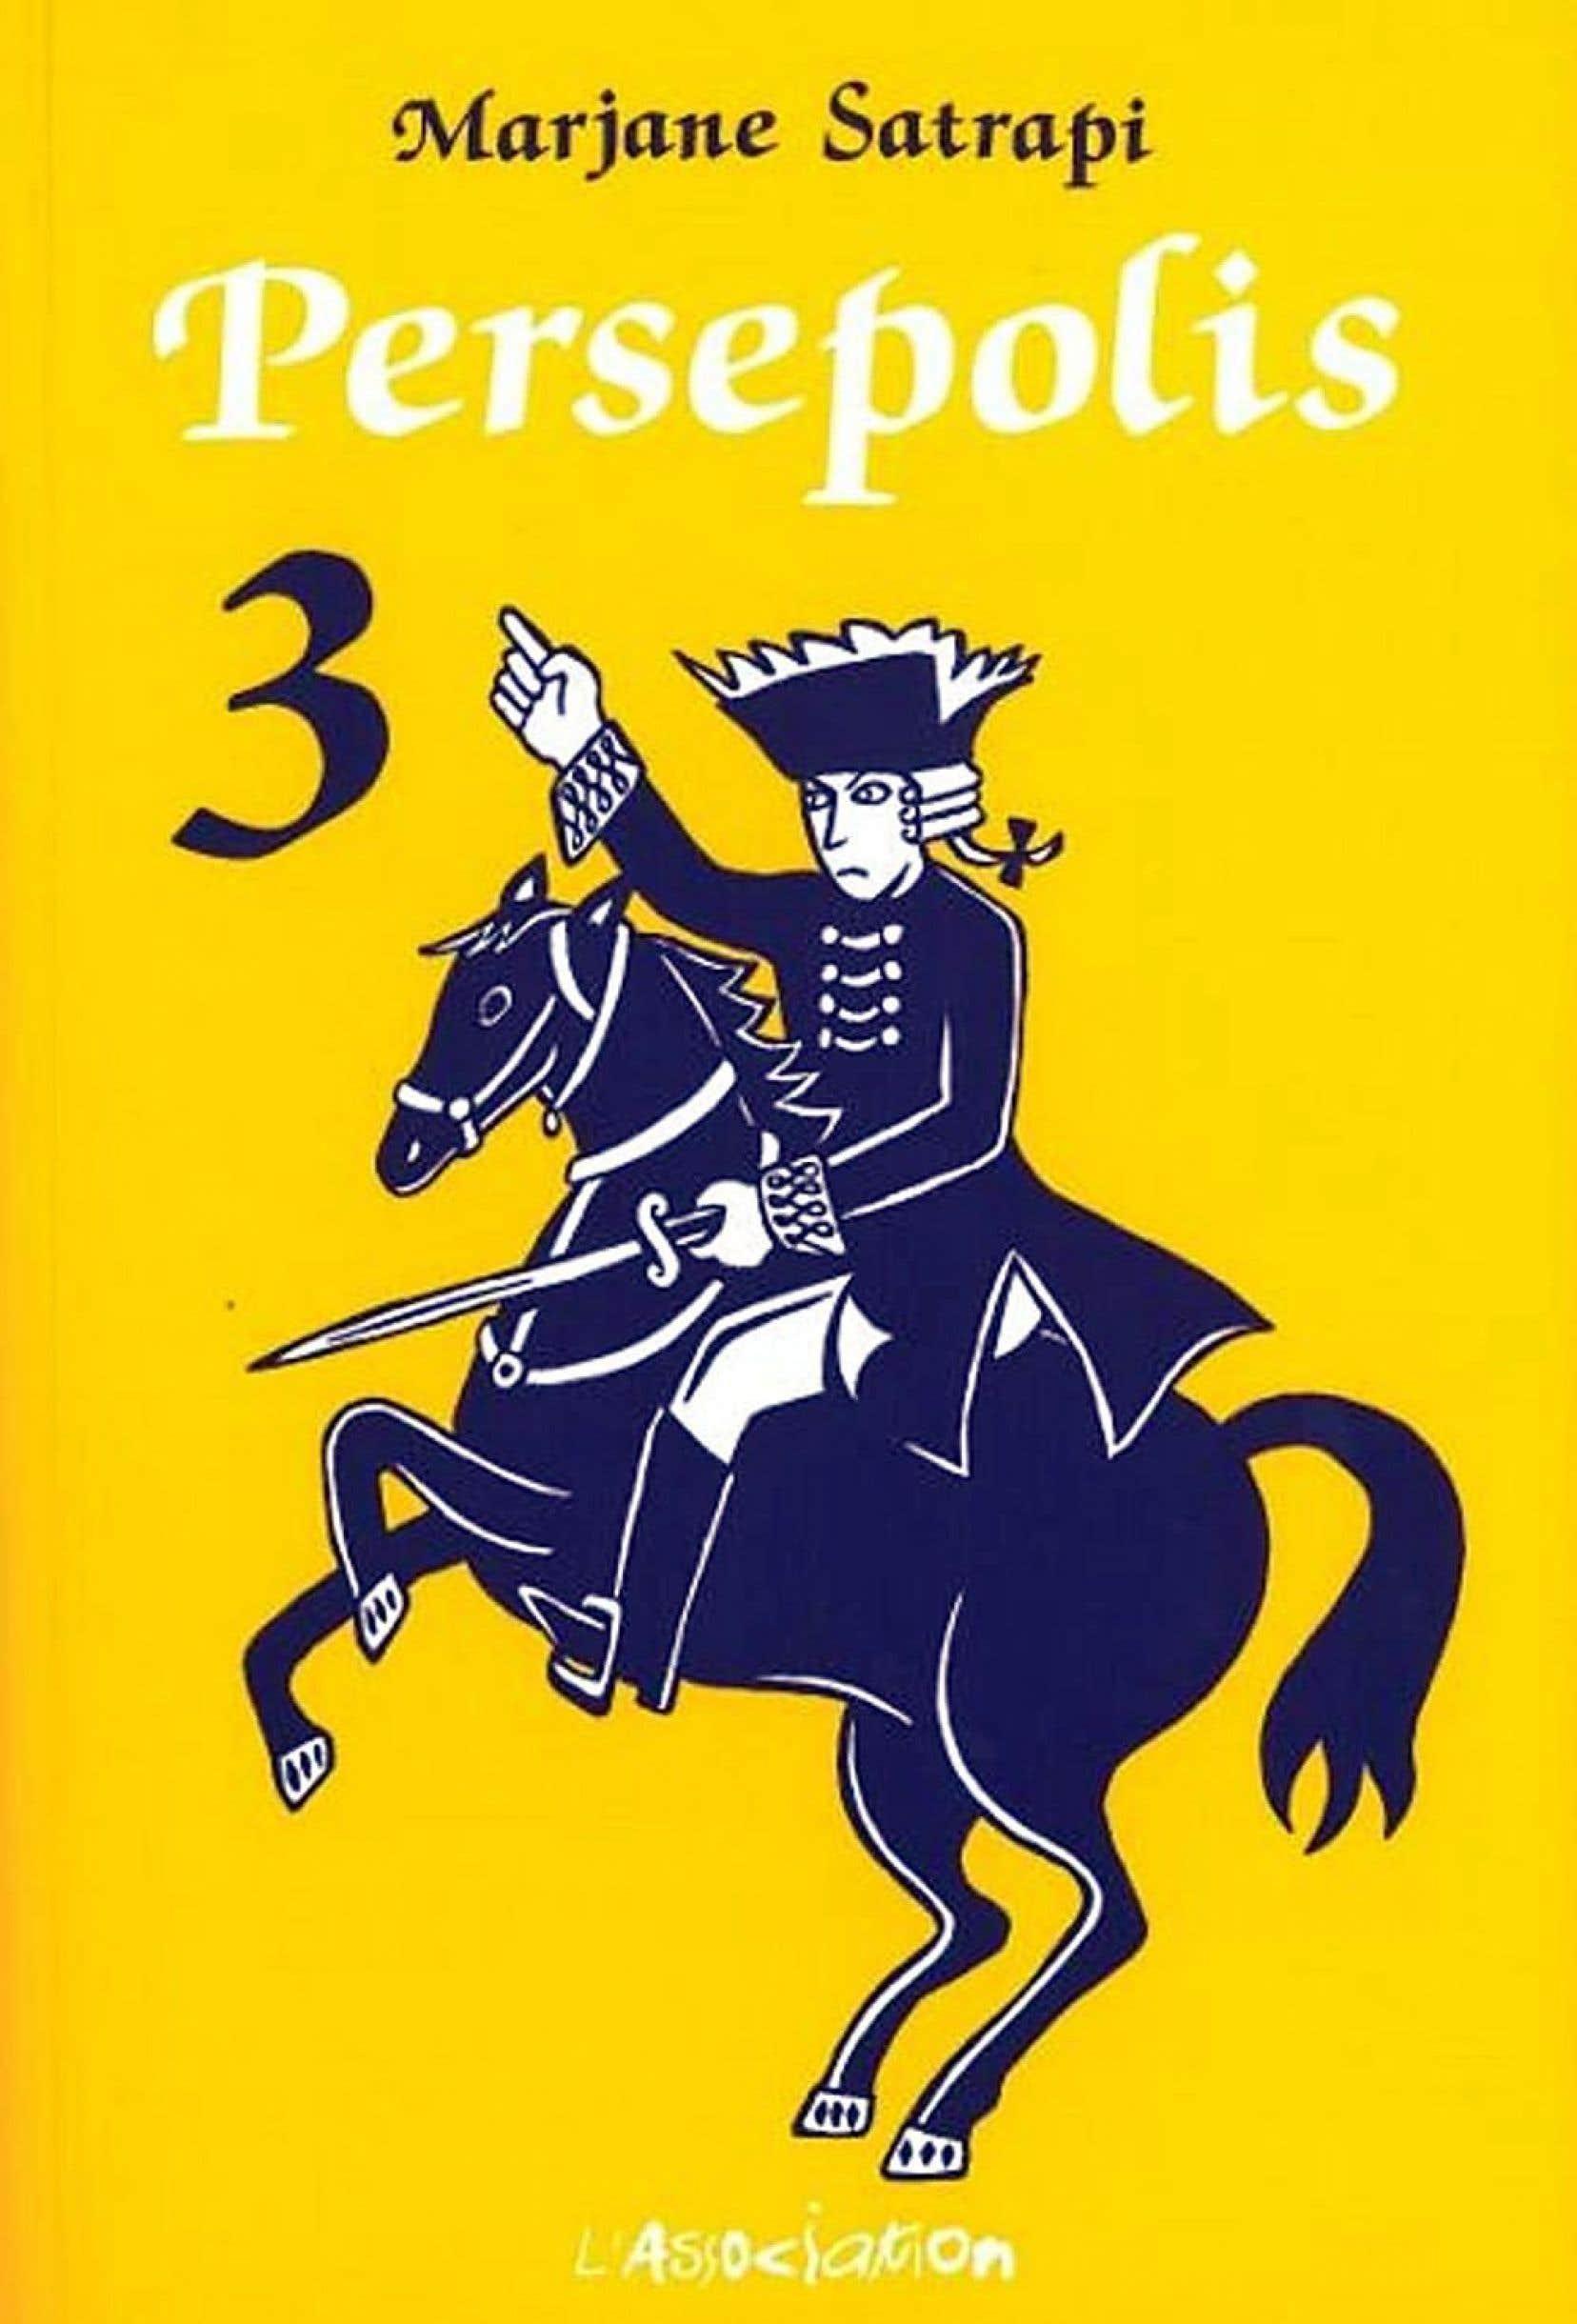 L'an dernier, le roman graphique de Marjane Satrapi, Persepolis, est arrivé au deuxième rang des 10 livres les plus contestés.